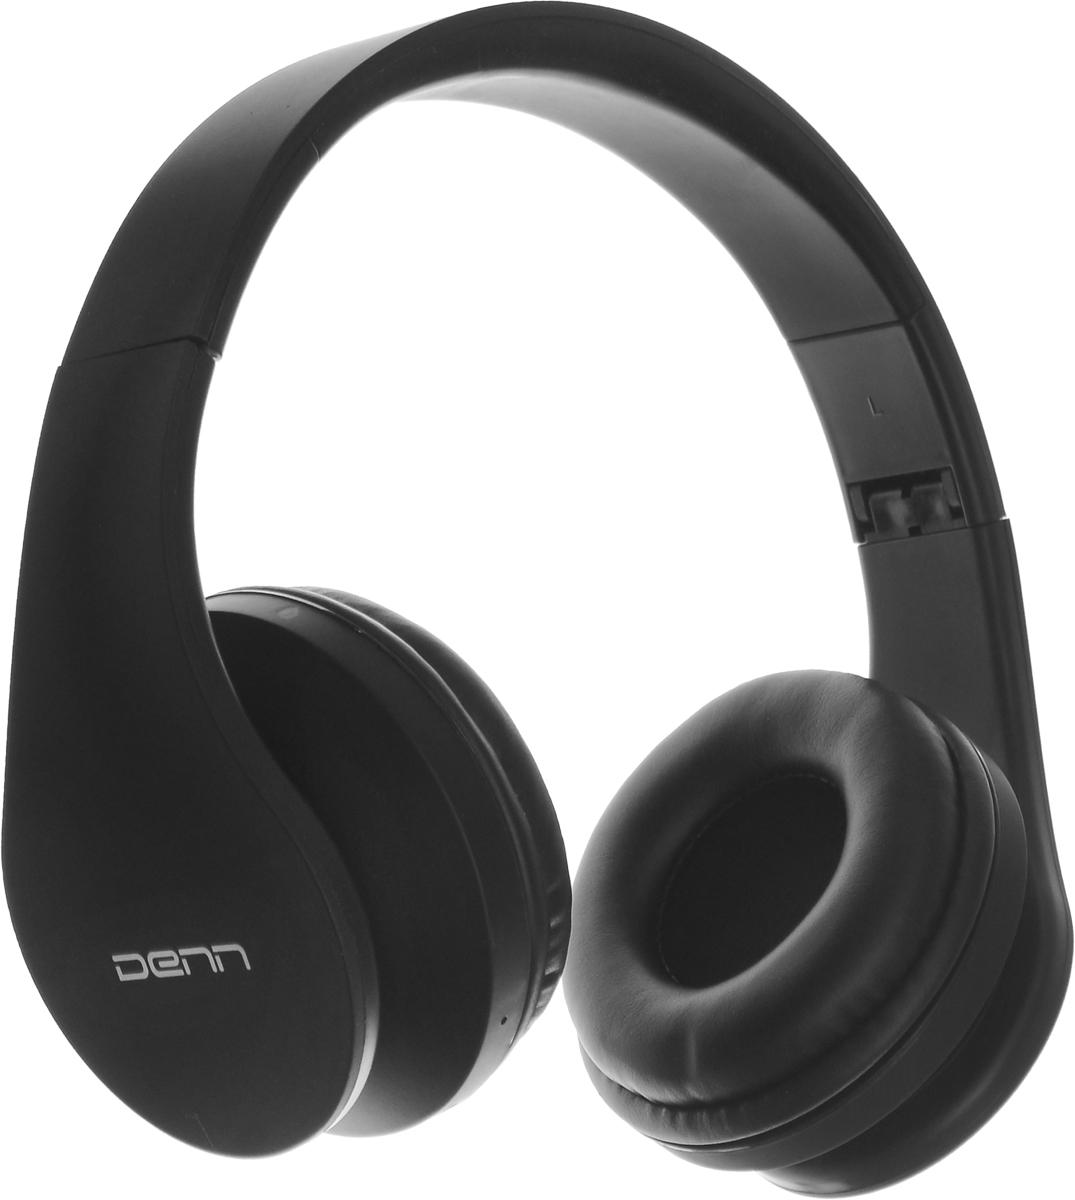 Denn DHB405, Black Bluetooth-гарнитураDHB405Denn DHB405 - полноразмерная Bluetooth-гарнитура с FM радио и МР3-плеером. Динамики наушников оснащены излучателями большого диаметра и мощными магнитами. Они могут воспроизводить без малейших помех звуки любой частоты.